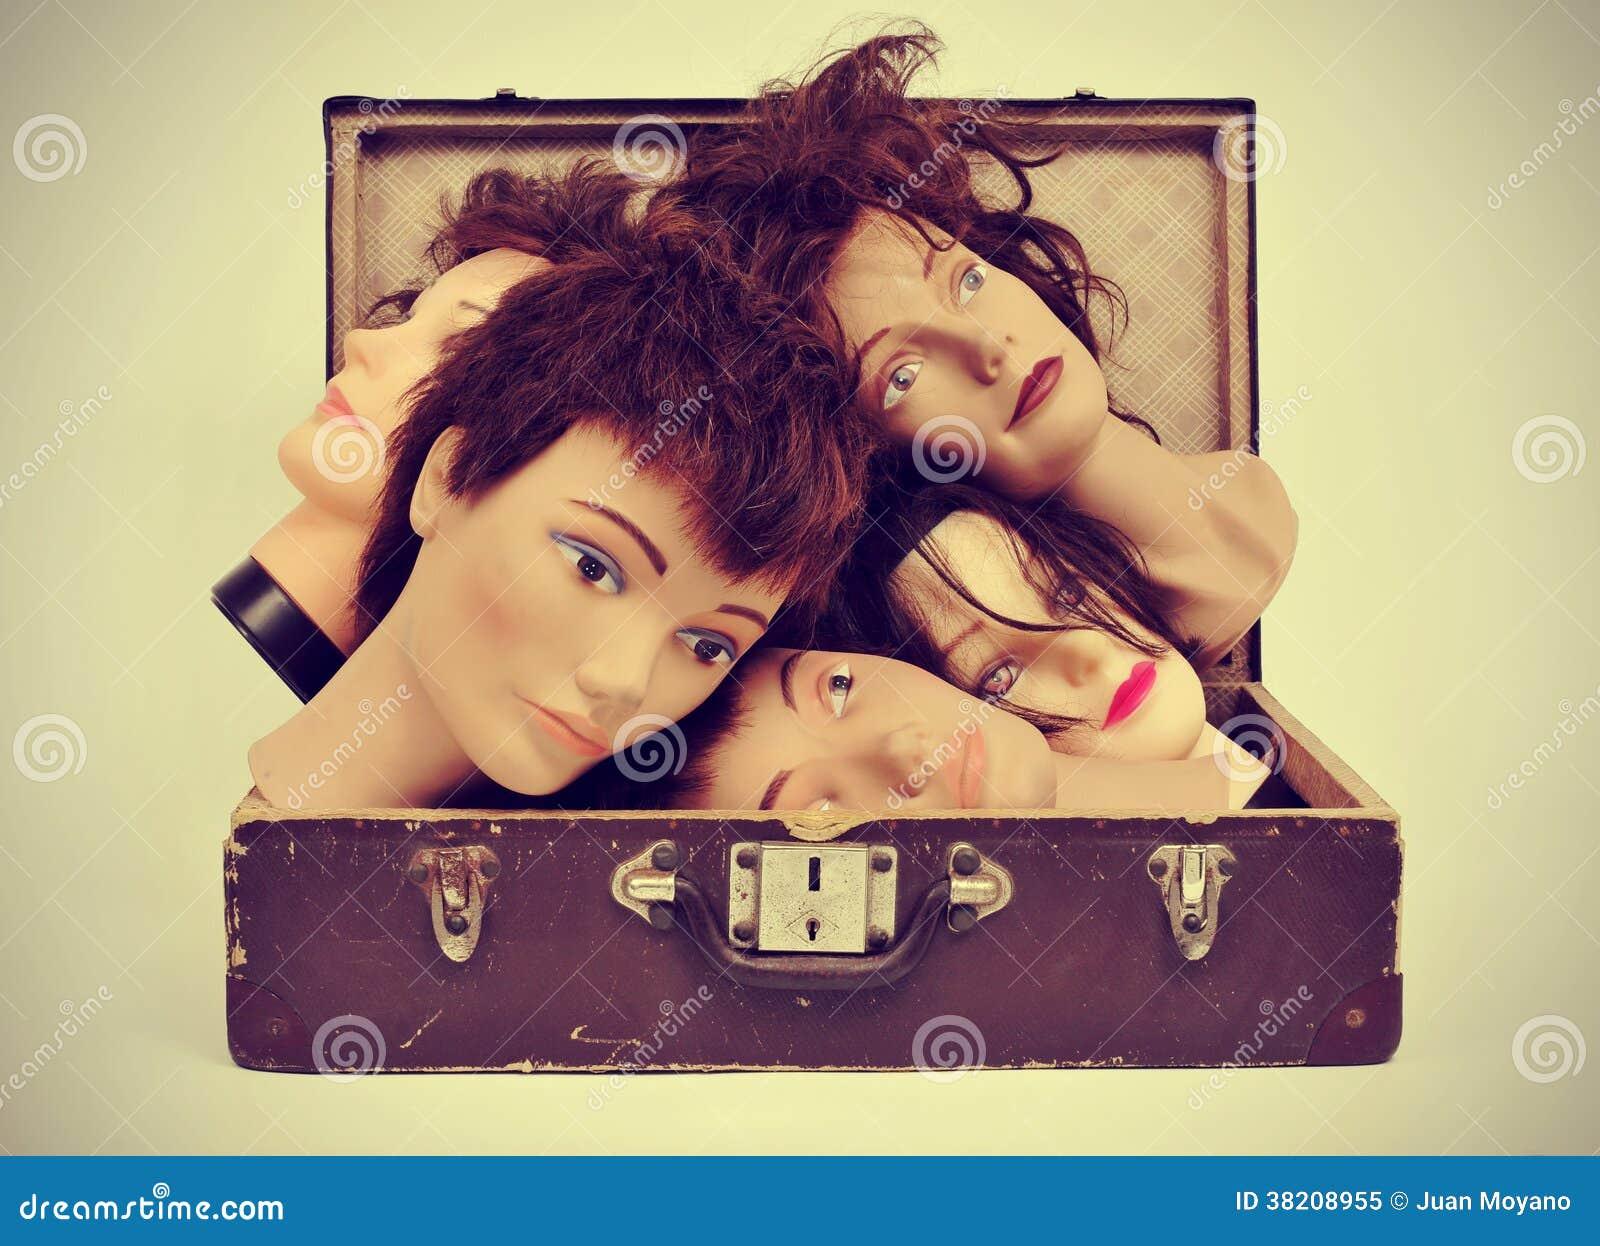 Cabezas del maniquí en una maleta vieja